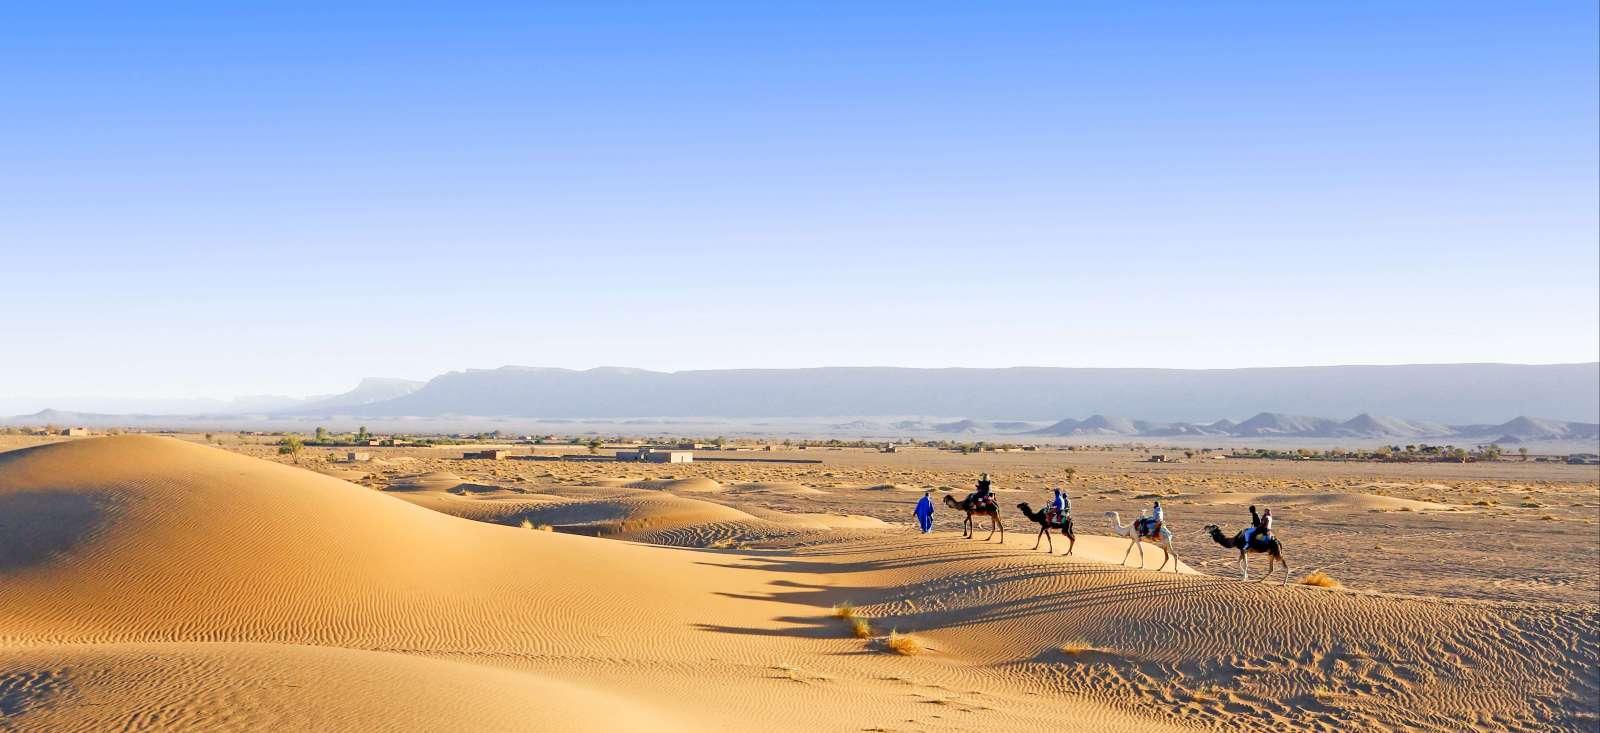 Voyage avec des animaux : Mon chameau à l'assaut des dunes